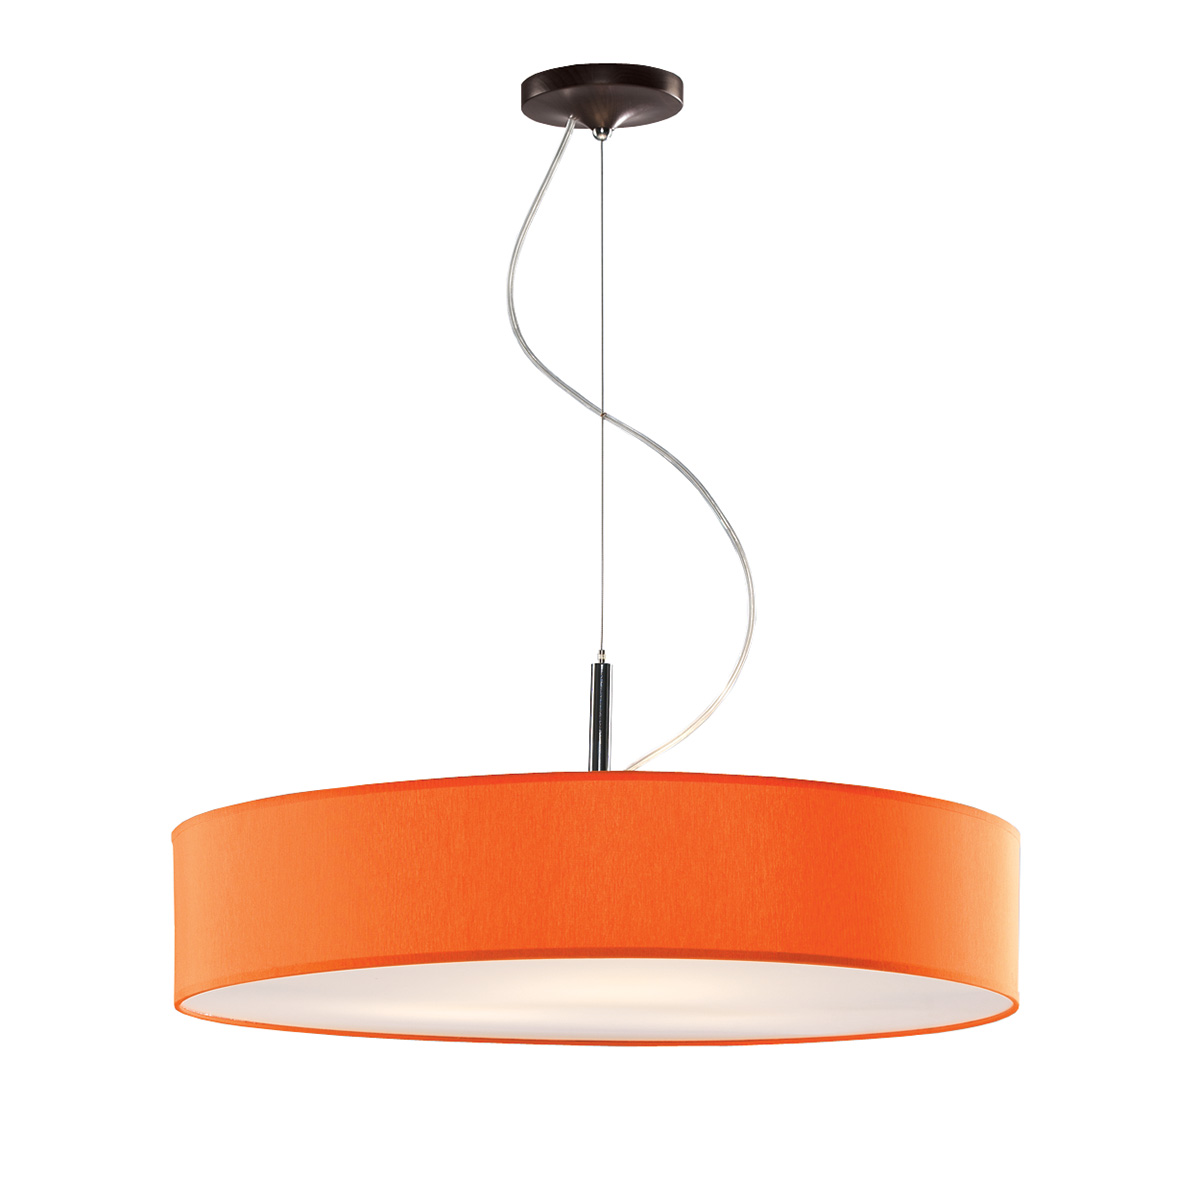 Κρεμαστό πορτοκαλί φωτιστικό DISCO ZEN suspension lamp with orange shade